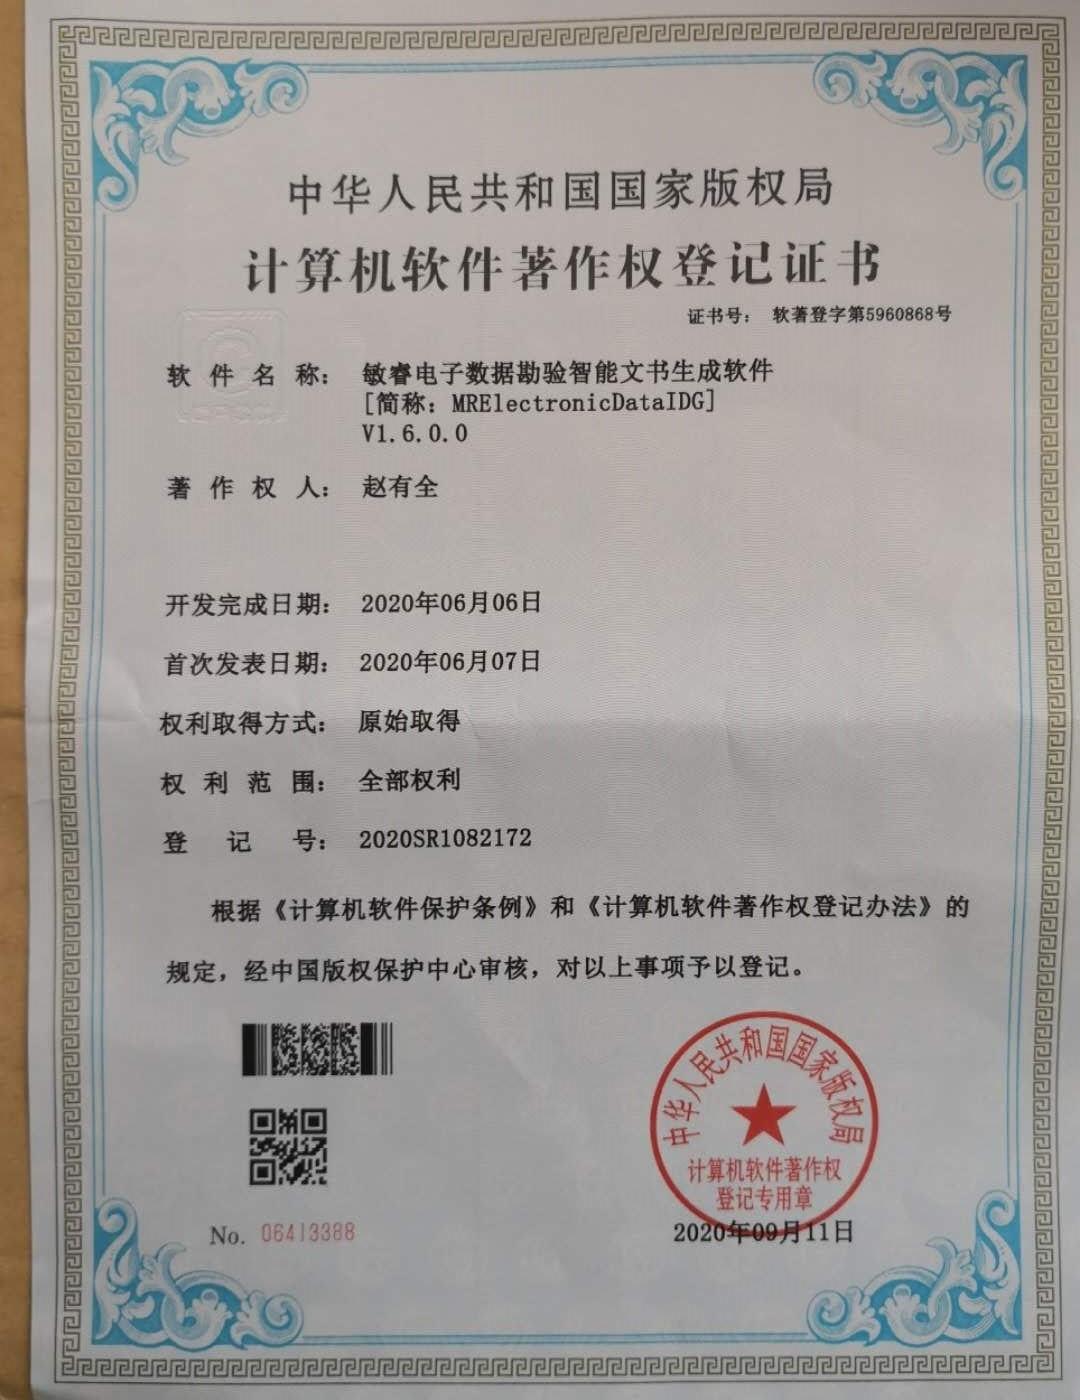 """云南龙陵一民警研发的""""电子数据勘验软件""""获得版权证书"""